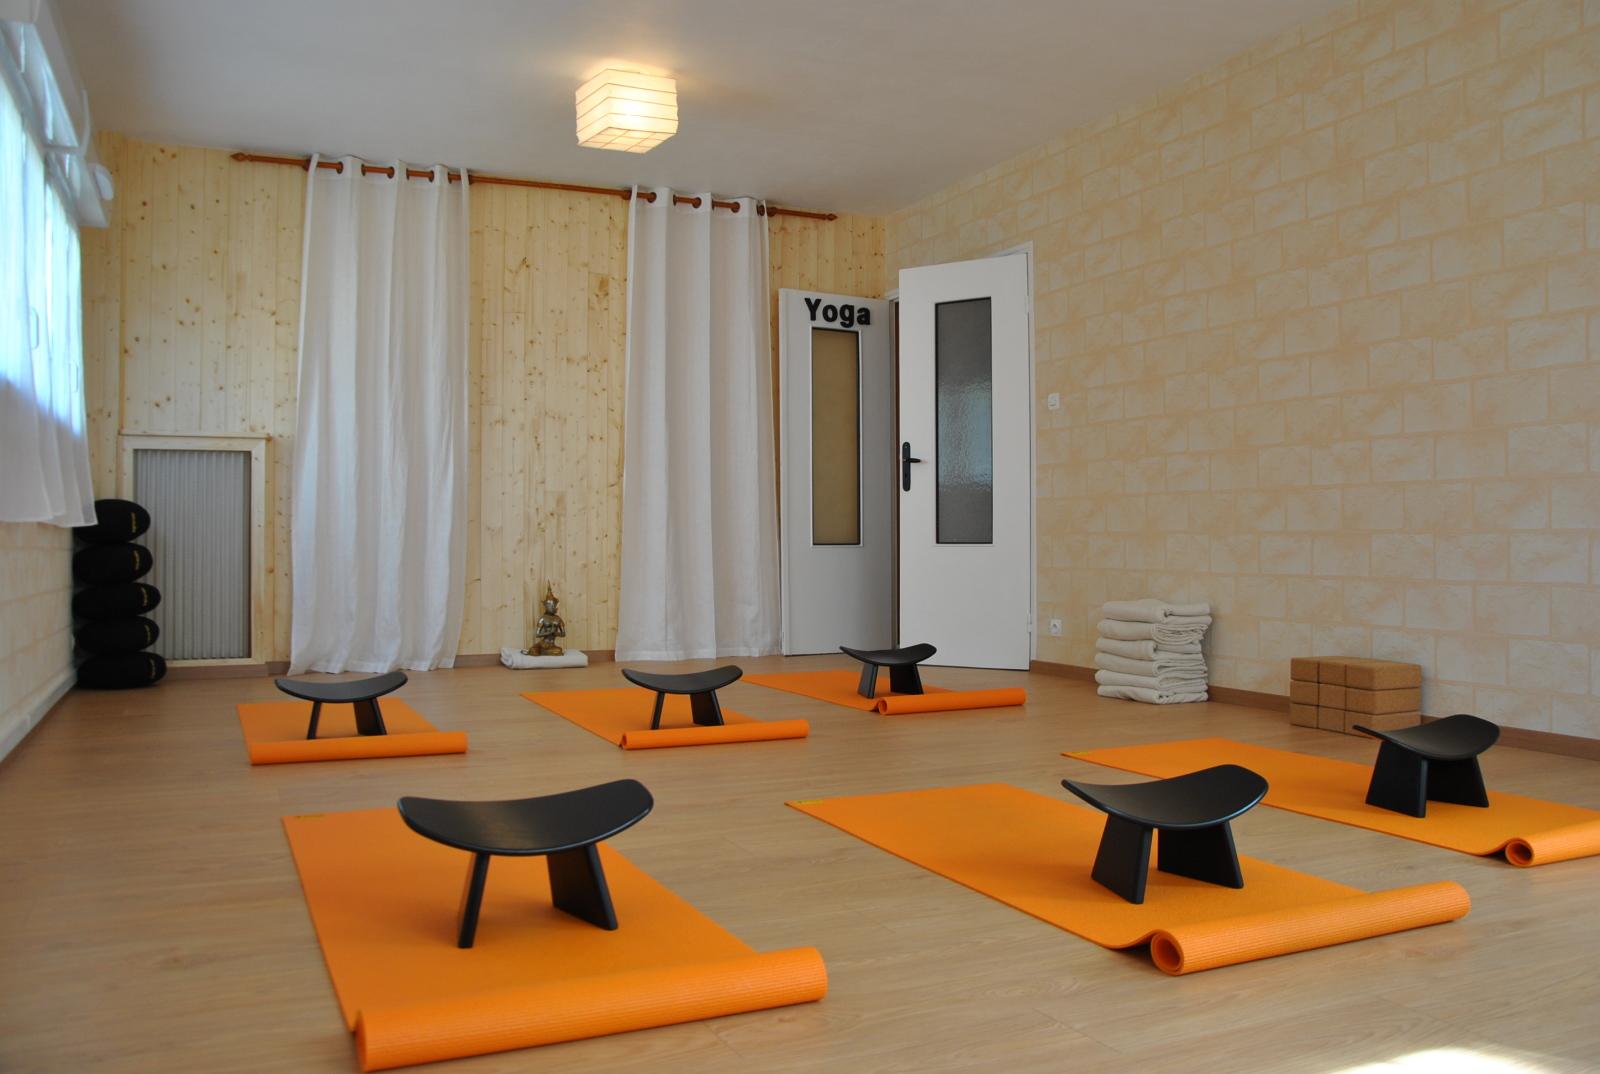 Cours collectifs de yoga - ANGERS COURS DE YOGA CATHERINE DOUAT